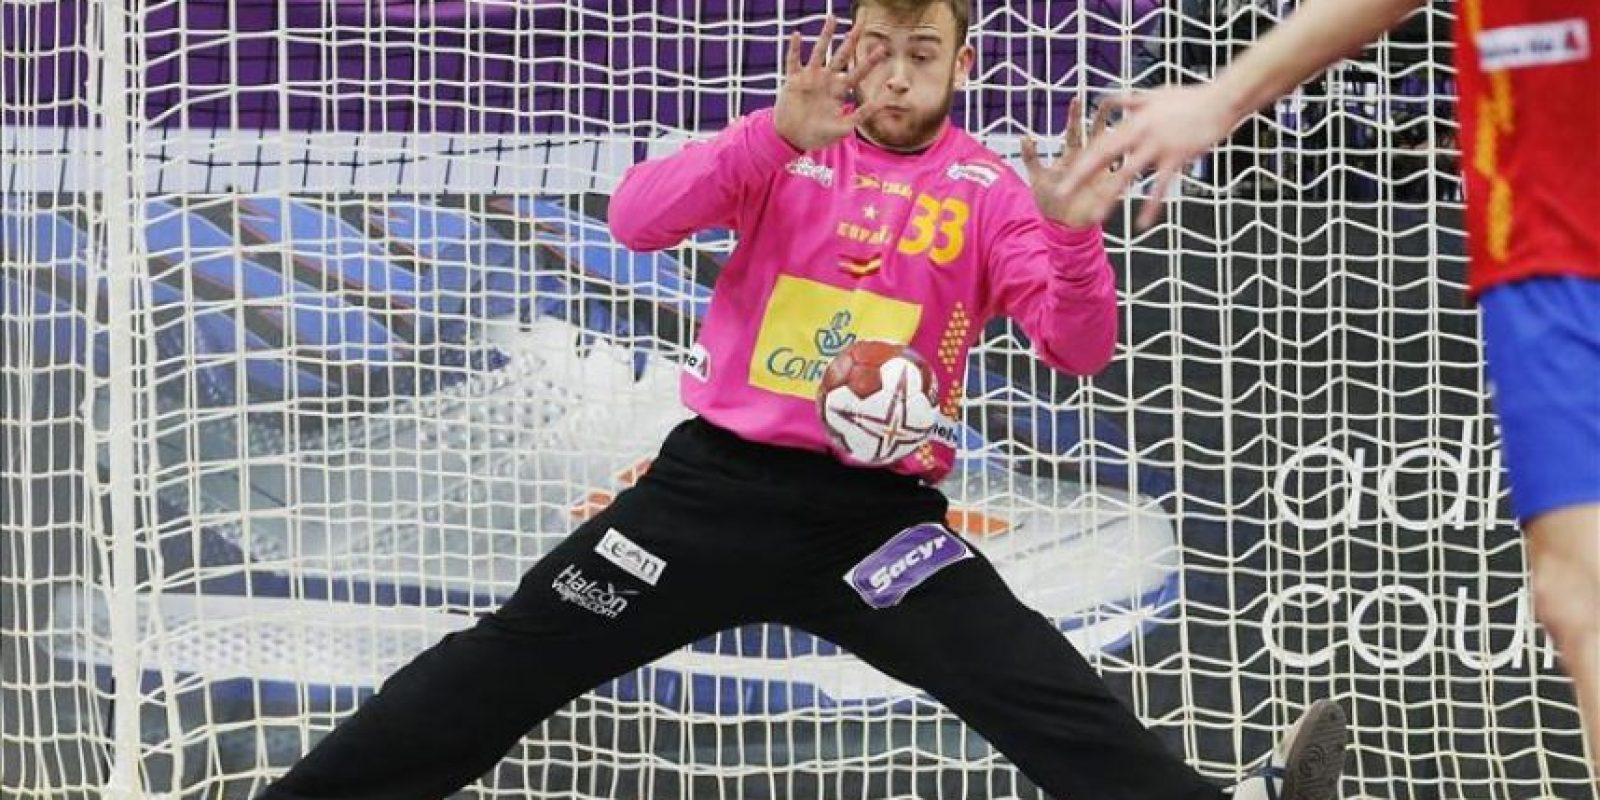 El portero español Gonzalo Pérez de Vargas en acción durante el partido del grupo A del Campeonato del Mundo de balonmano disputado entre España y Eslovenia en el pabellón Duhail de Doha, Catar, el 23 de enero del 2015. EFE